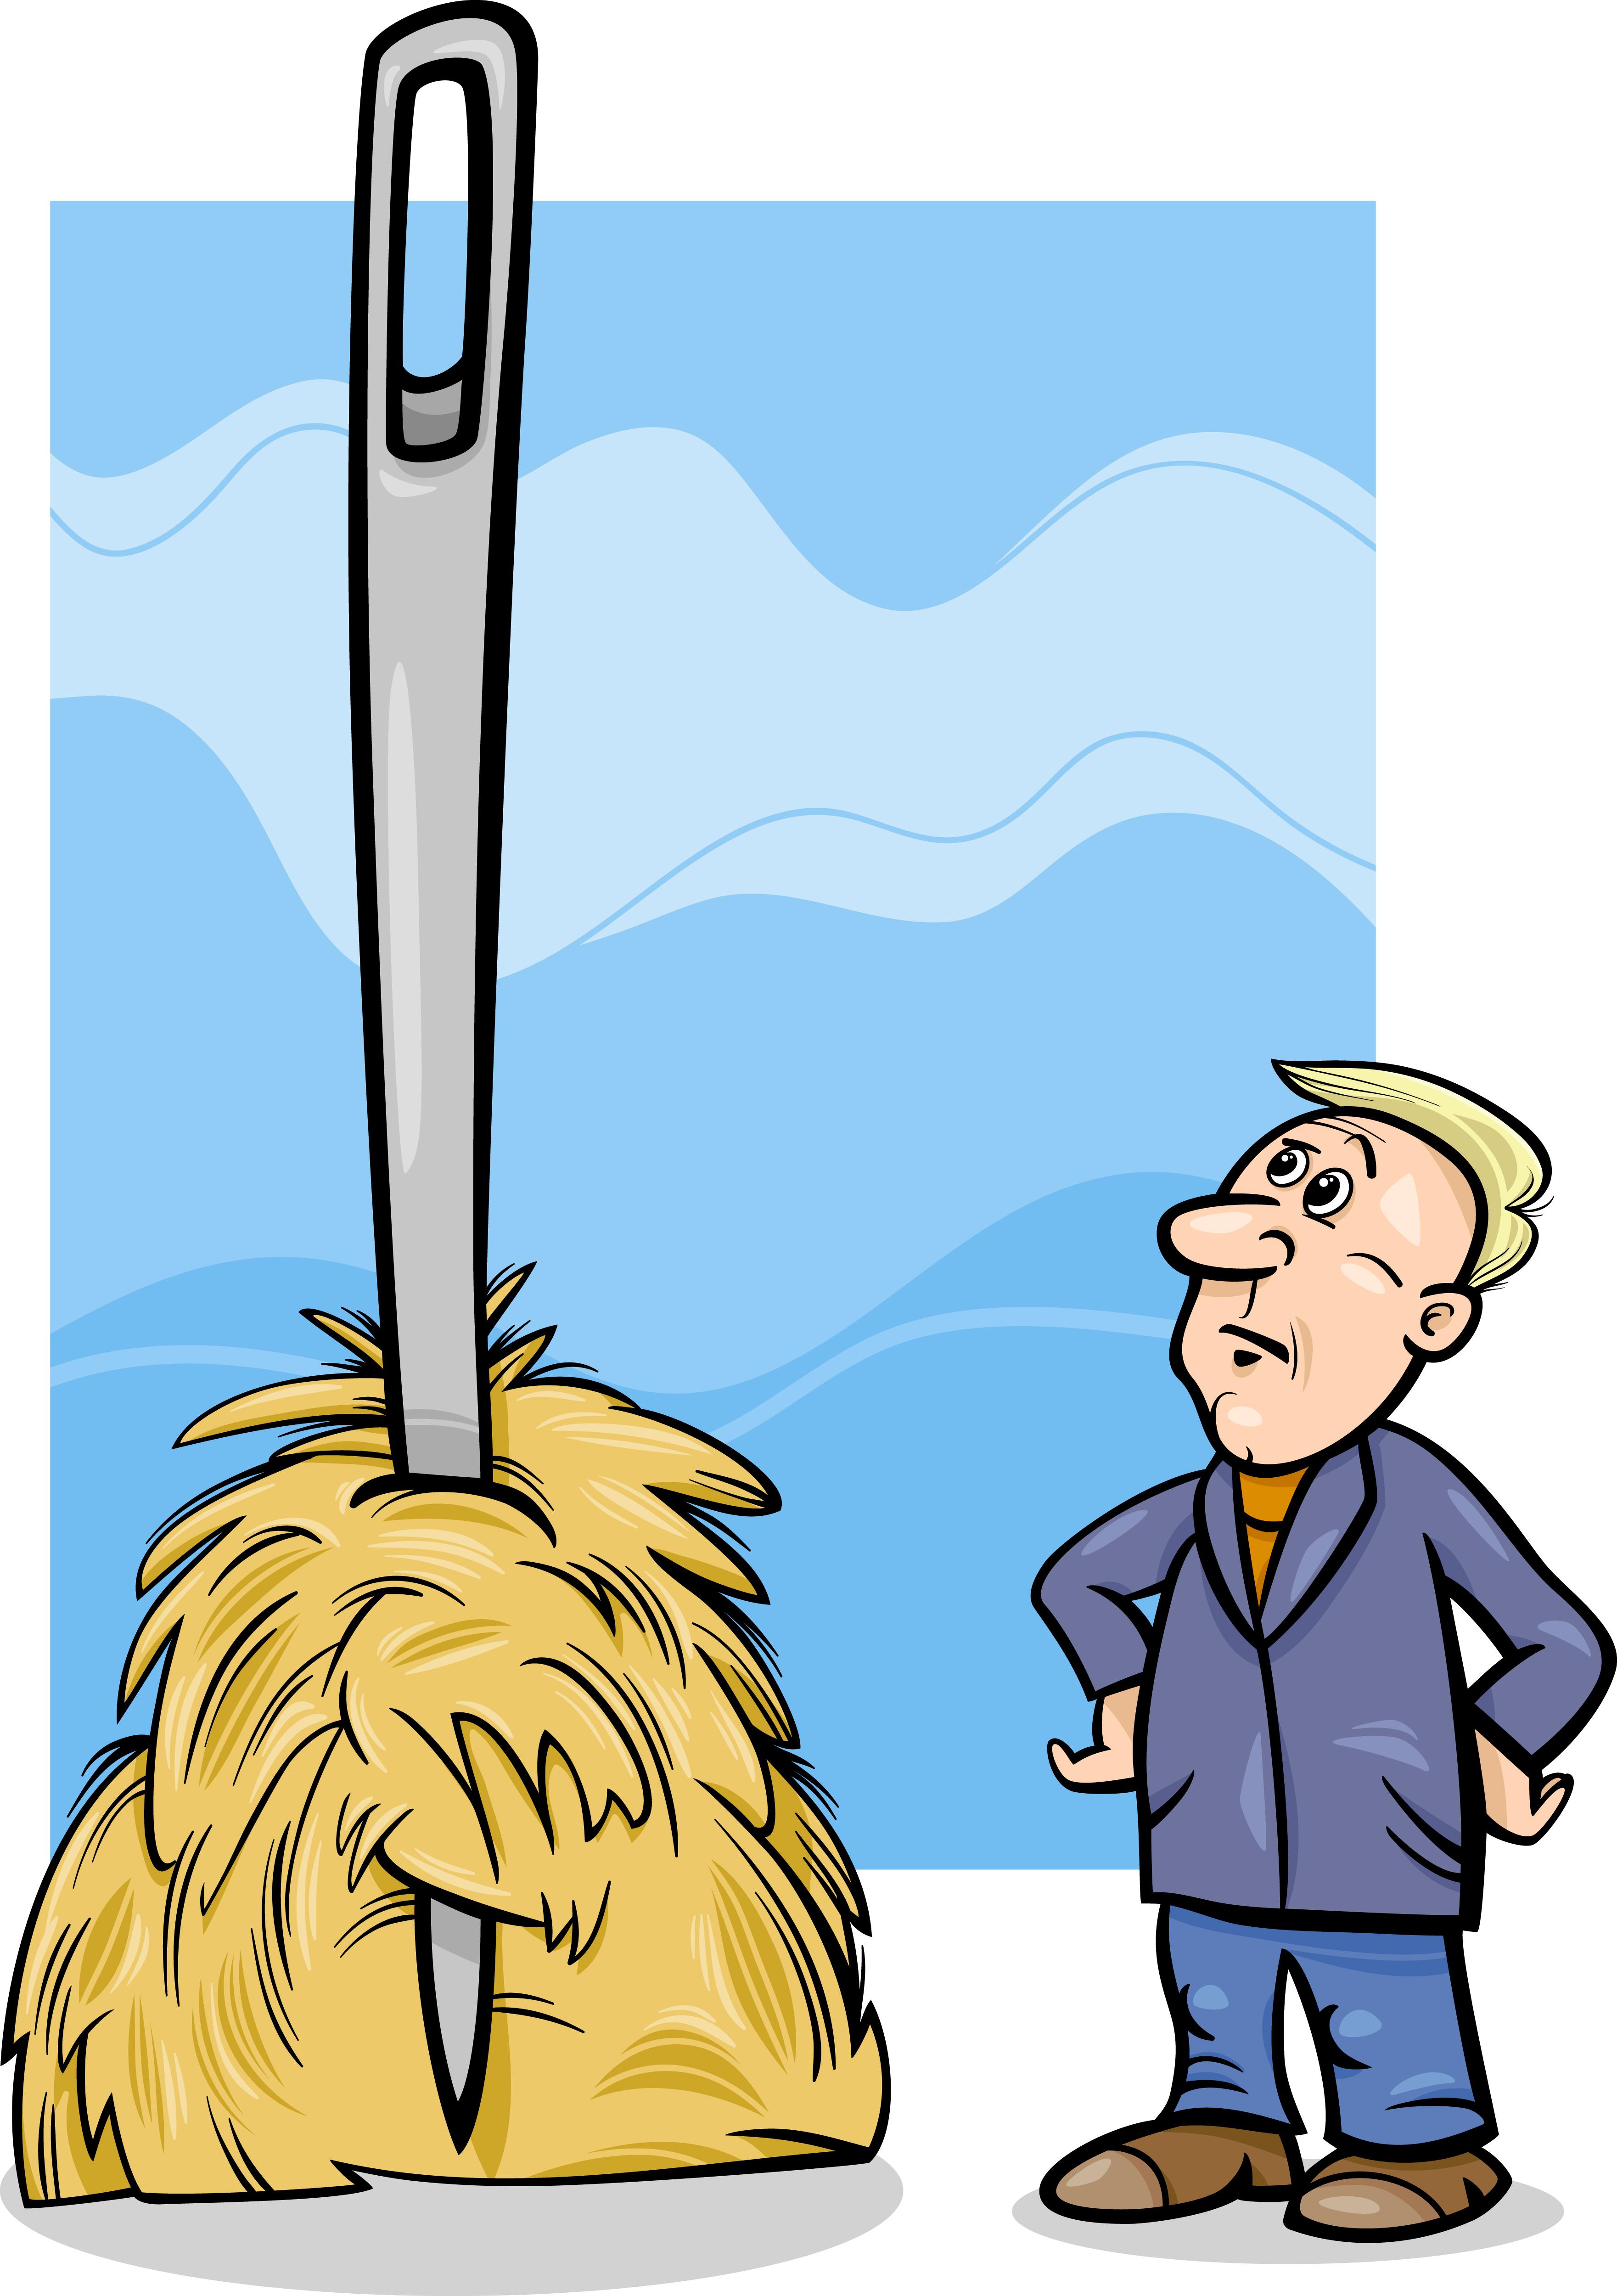 Needle in haystack image